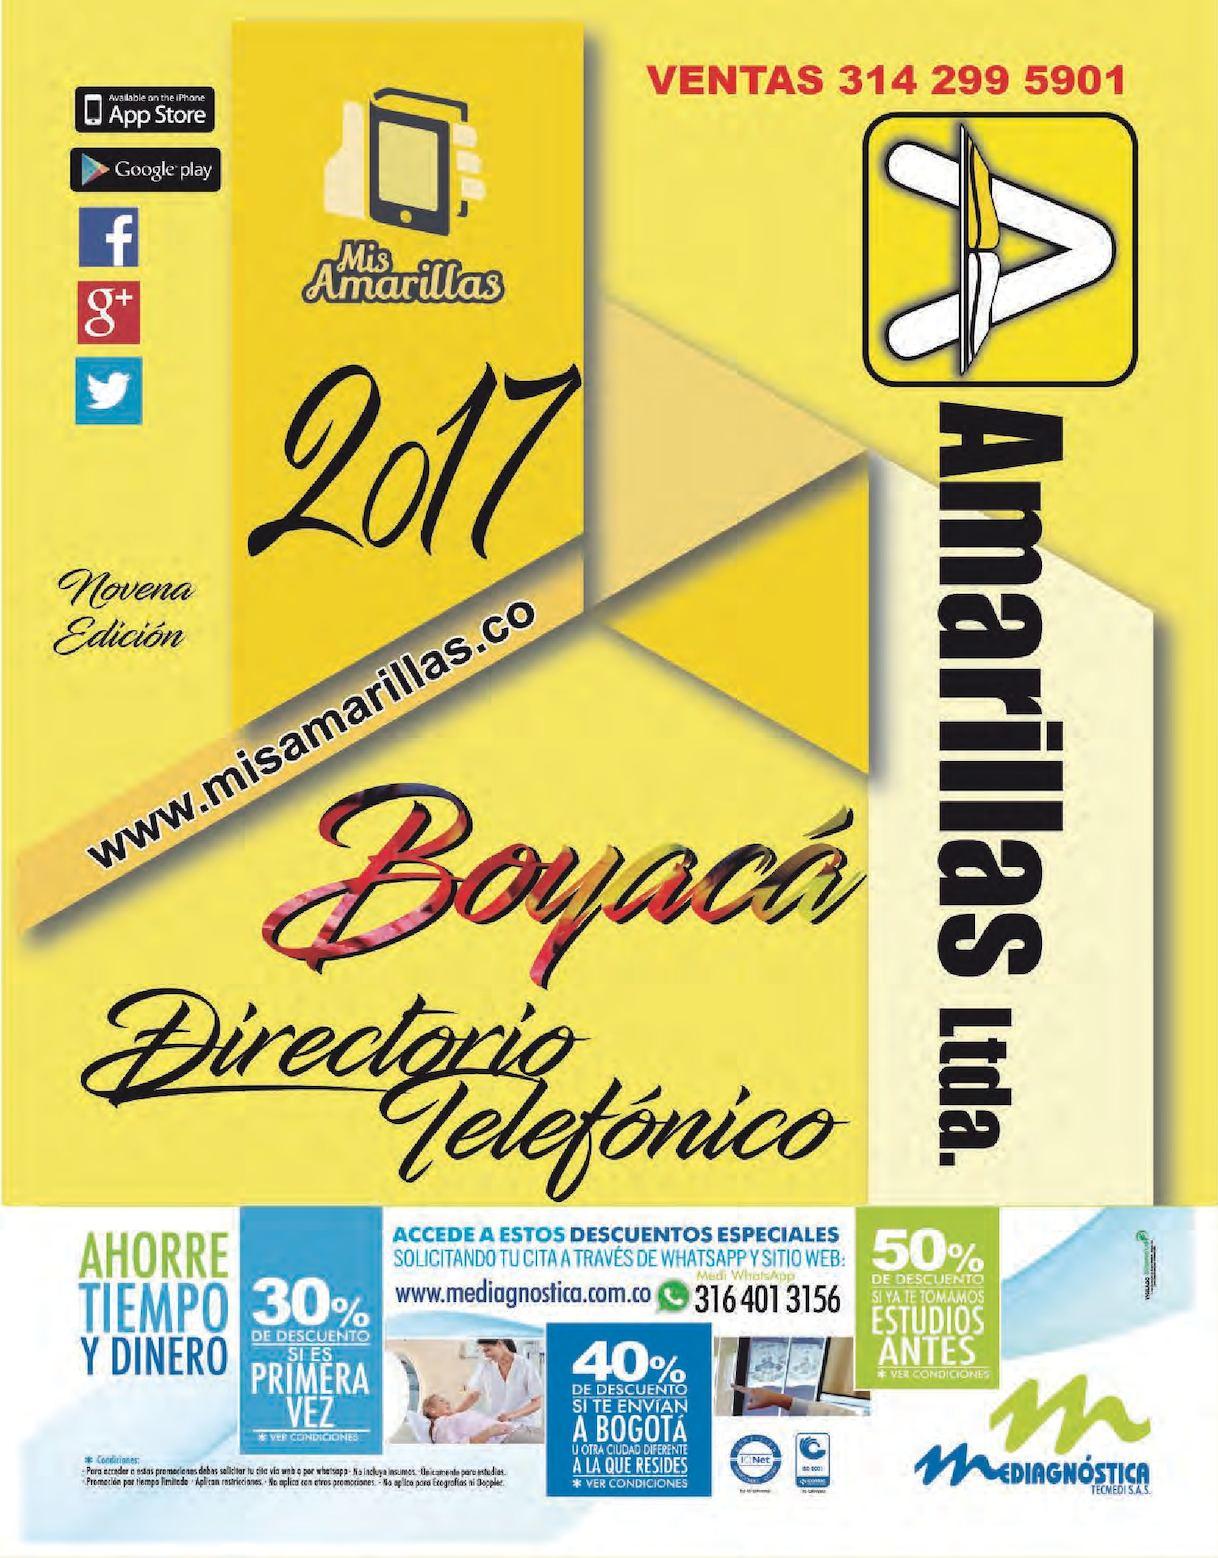 DIRECTORIO TELEFONICO DE BOYACA EDICION 2017